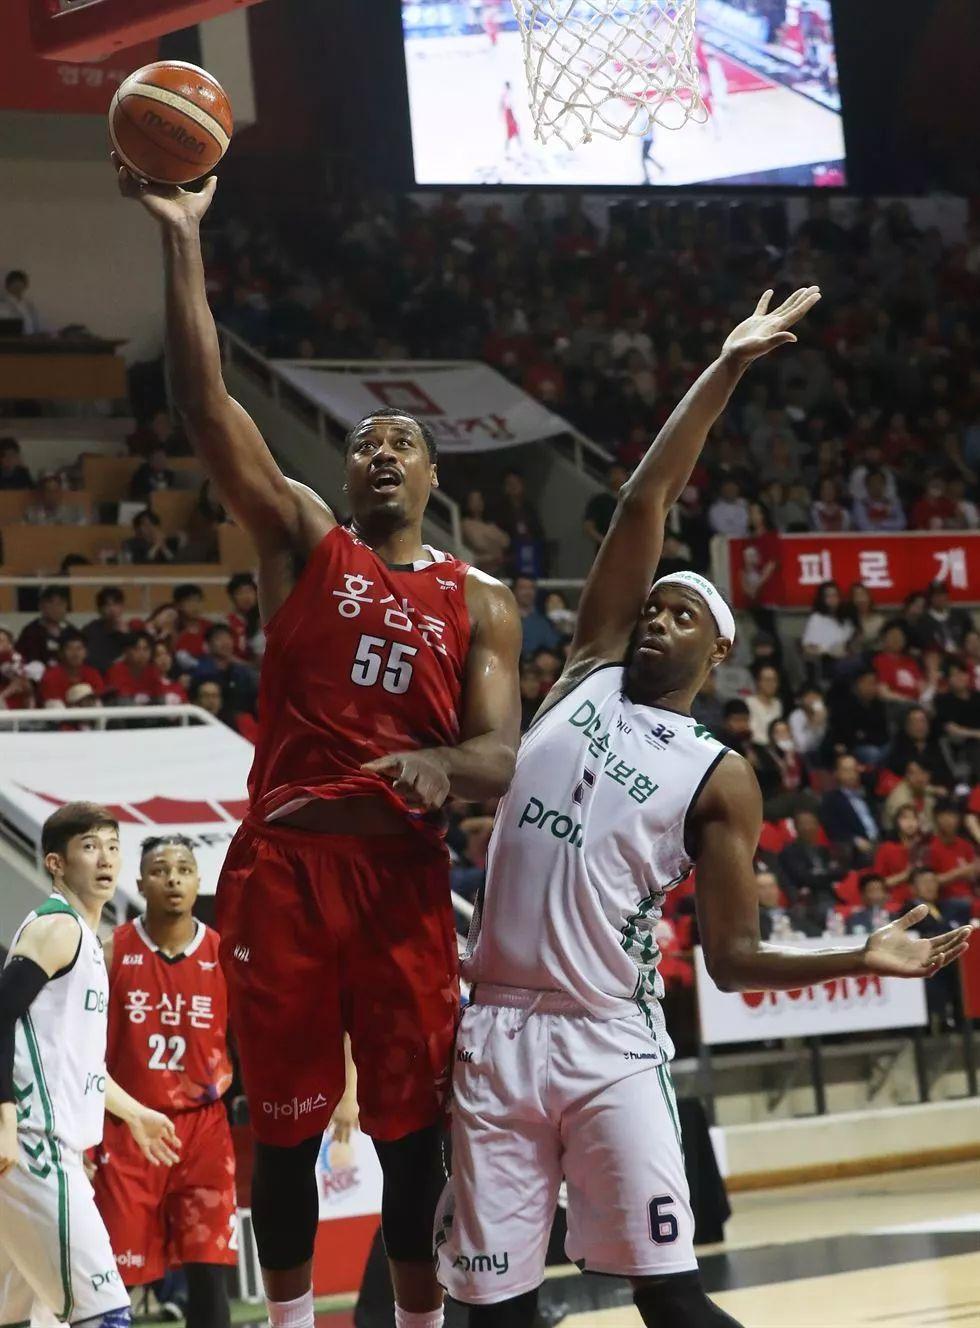 东亚篮球地理志:CBA开赛忙,不妨先来跟近邻取取经